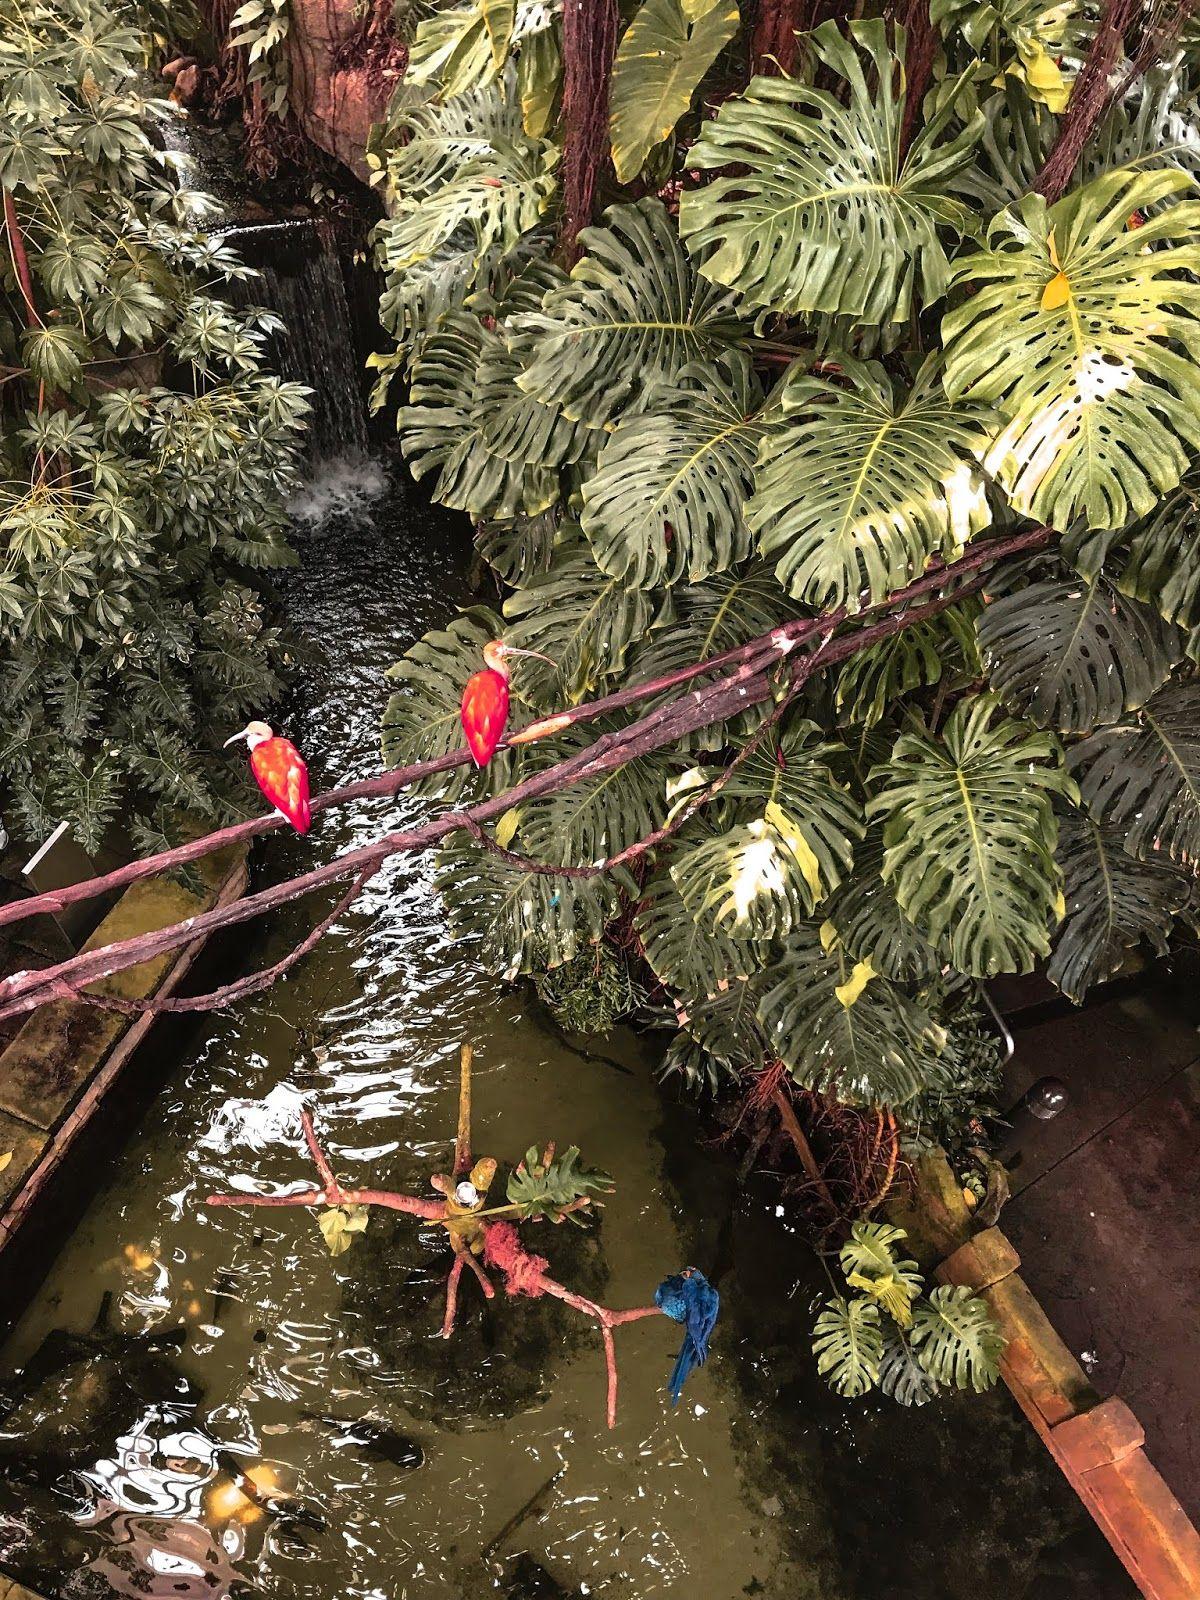 f7f2e1a51ca0557821c83773db68cea2 - Moody Gardens Spring Break In Texas